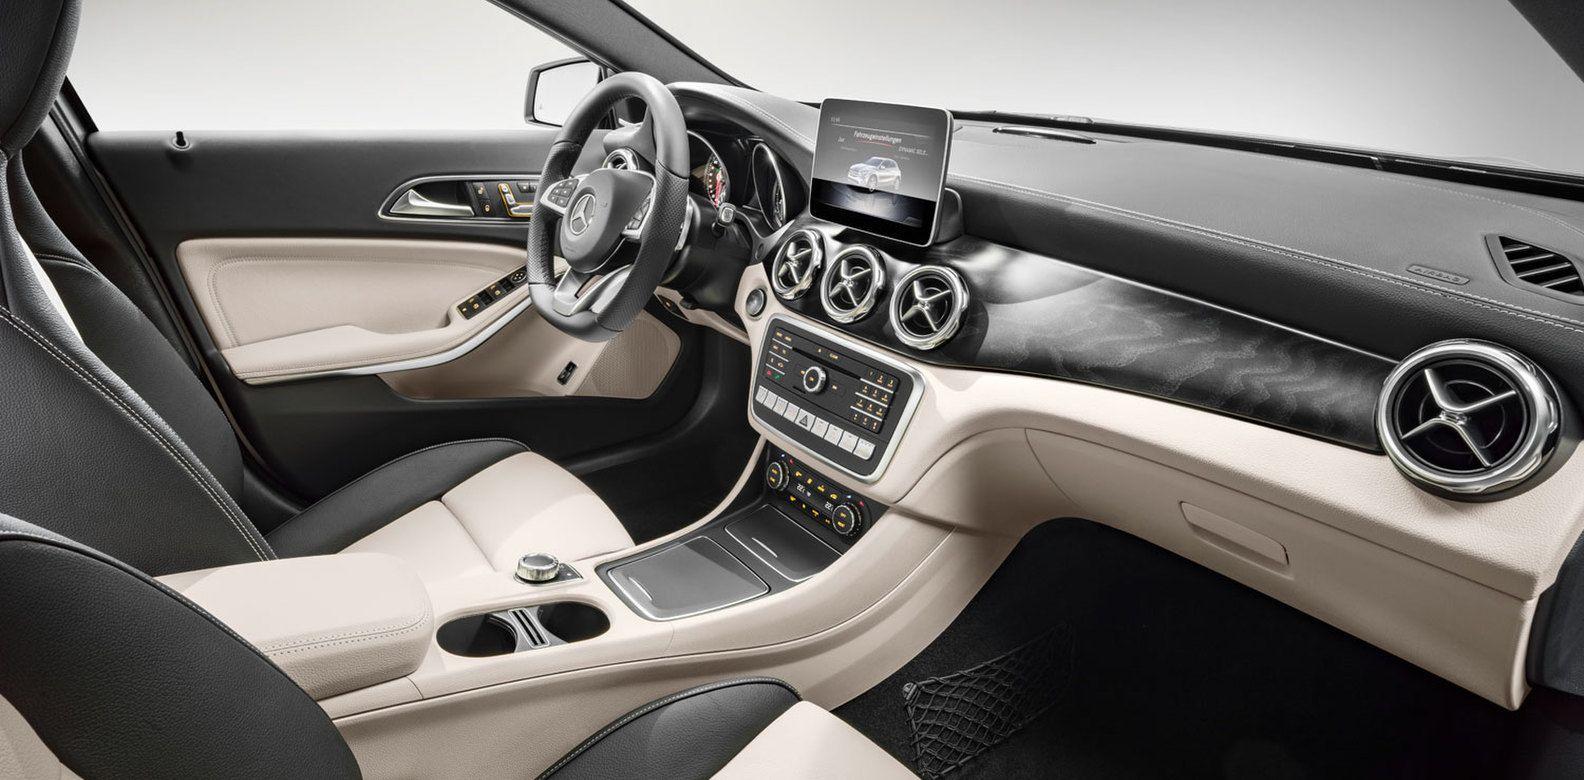 The Mercedes Benz Gla Grows Up Hong Kong Tatler Interior